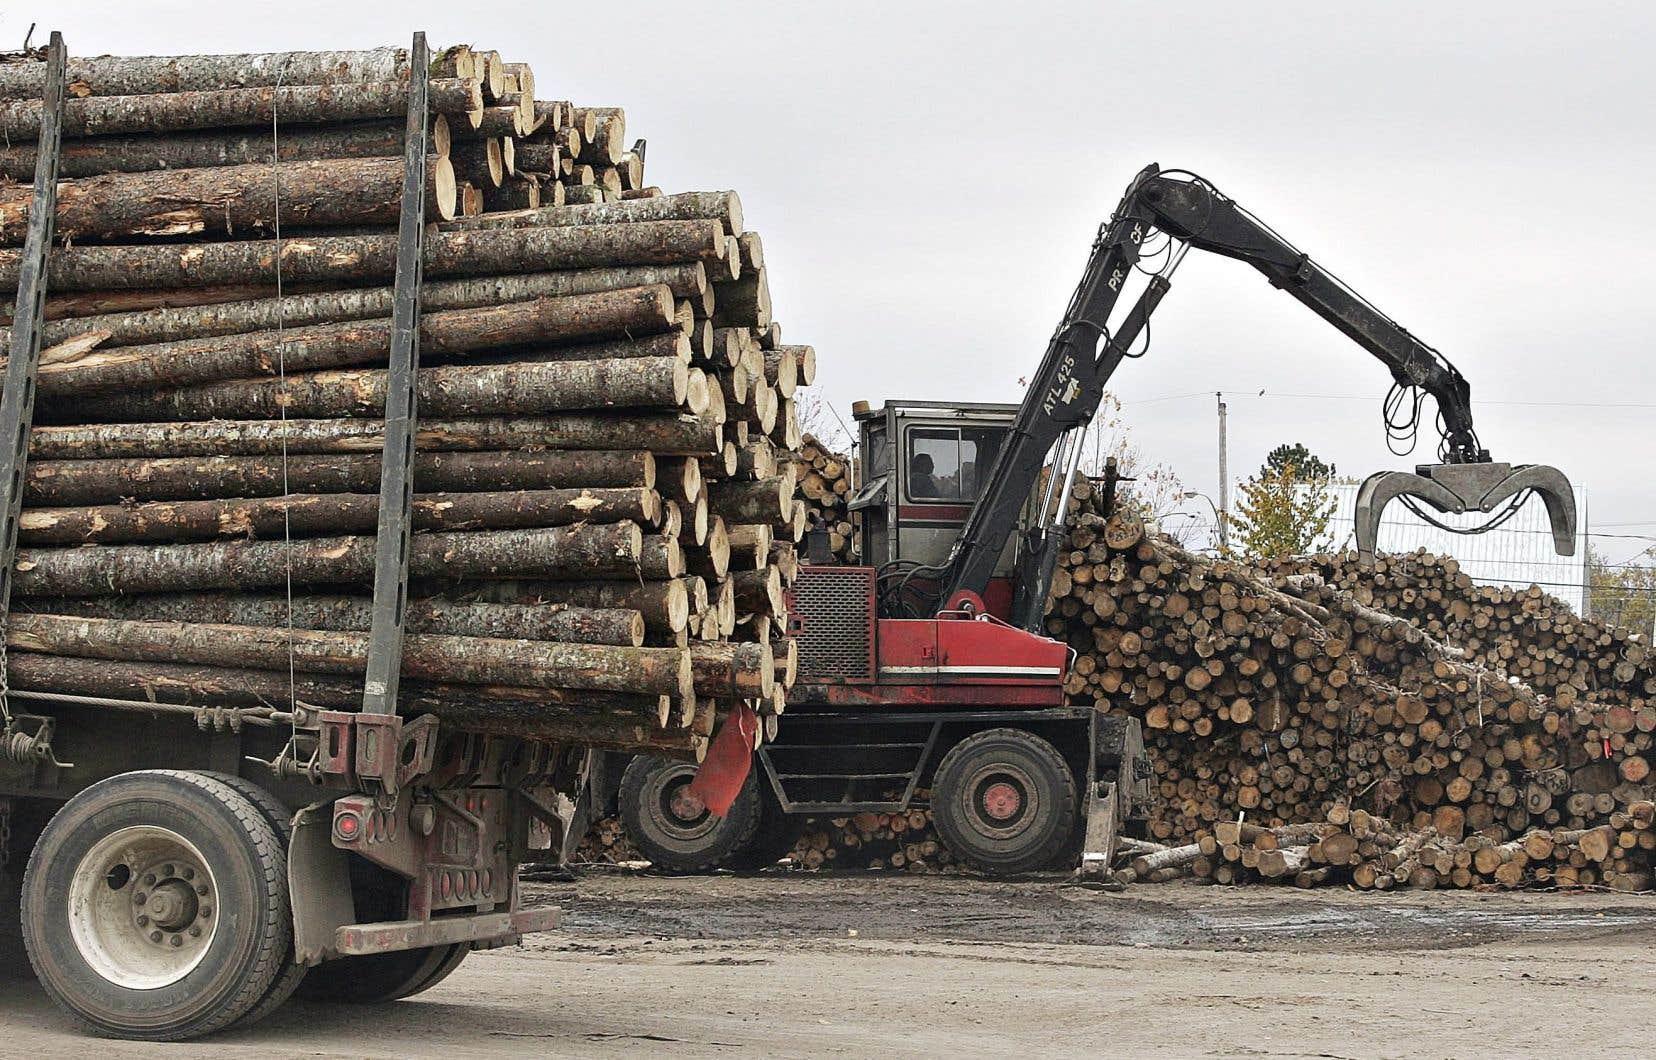 Les États-Unis ont connu une augmentation des investissements dans la capacité de traitement, mais ne fournissent tout de même qu'environ 34milliards des 48milliards de pieds-planche de bois qu'ils ont consommés en 2017.